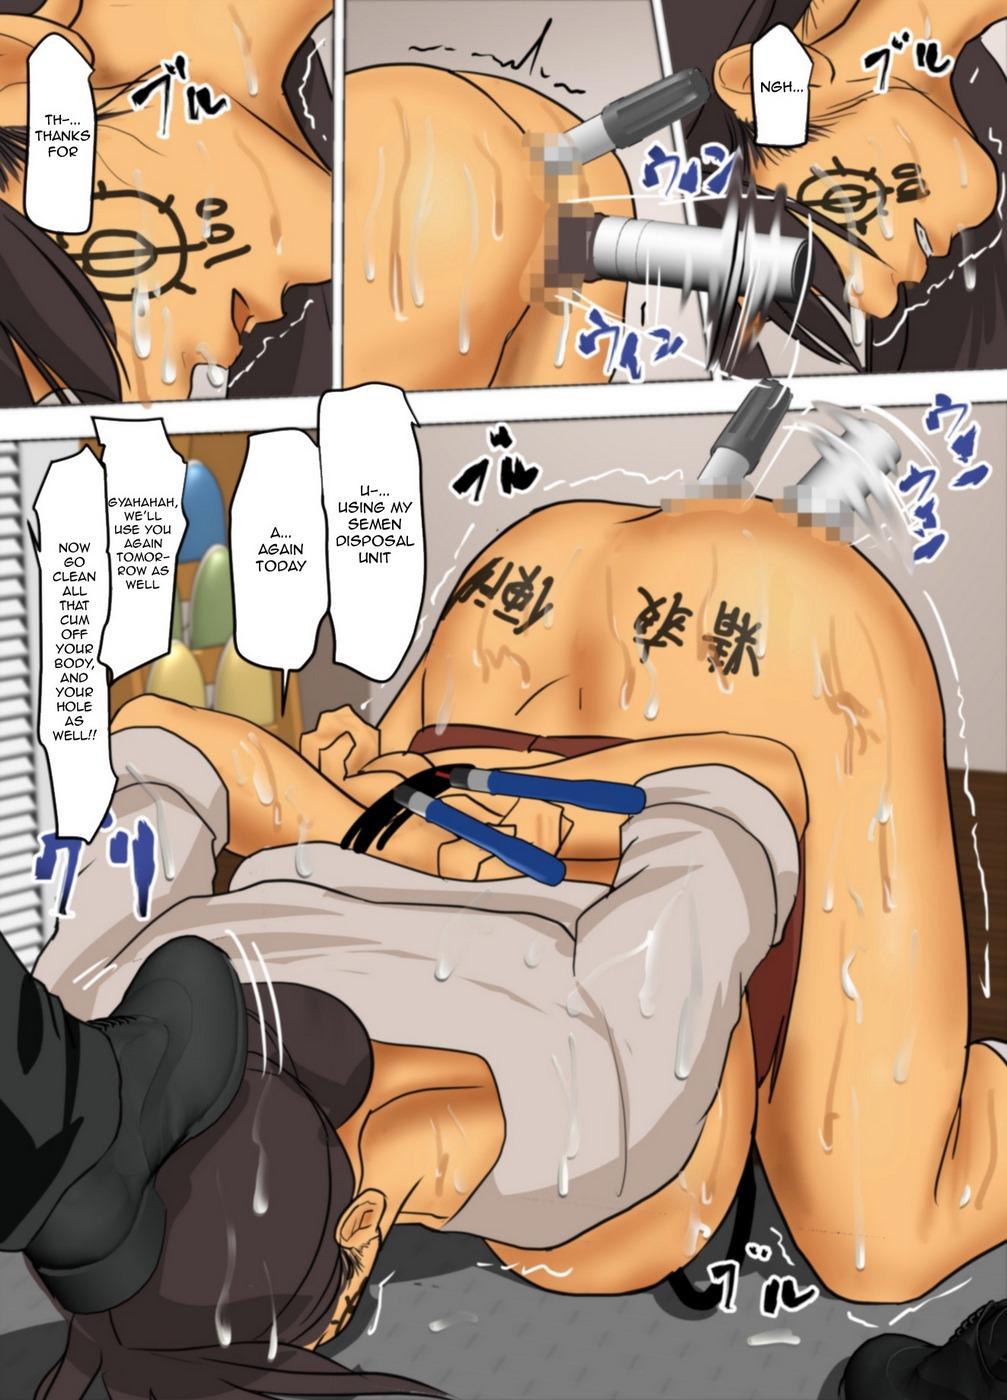 Naruto X Tsunade - Teil 2 - hentai comics